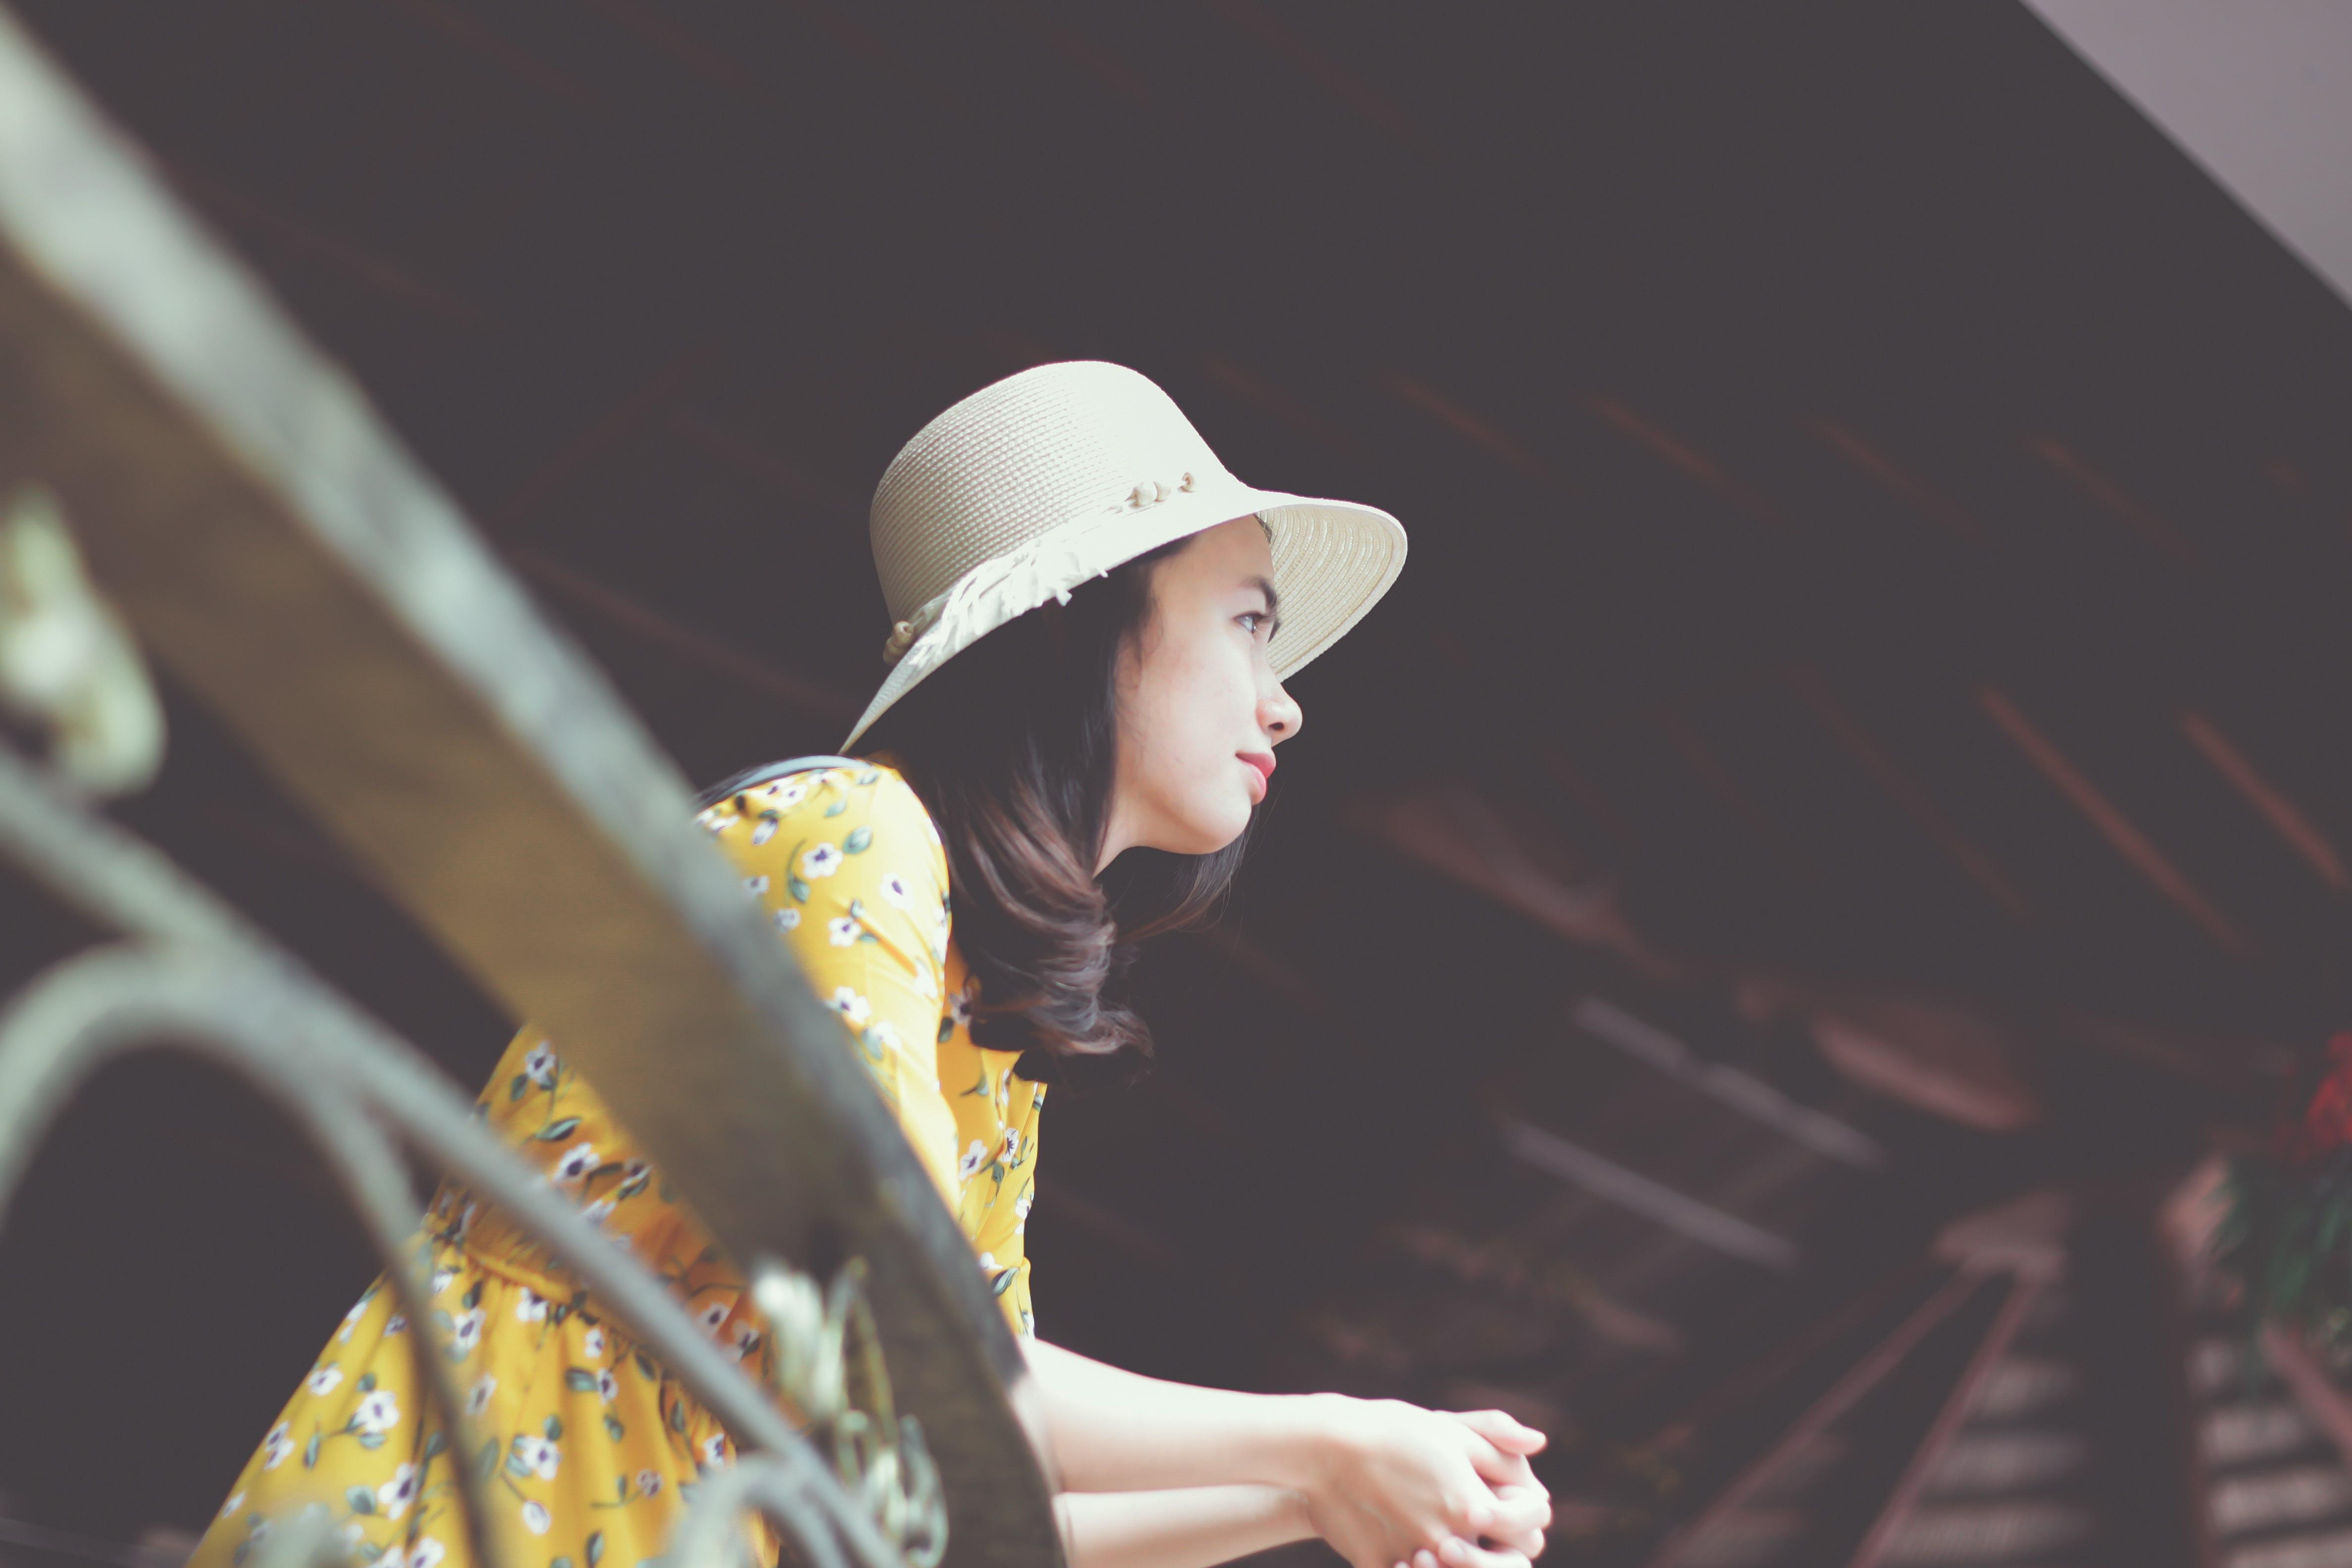 Kostenloses Stock Foto zu #vietnamesisch, asiatin, aufführung, deckel